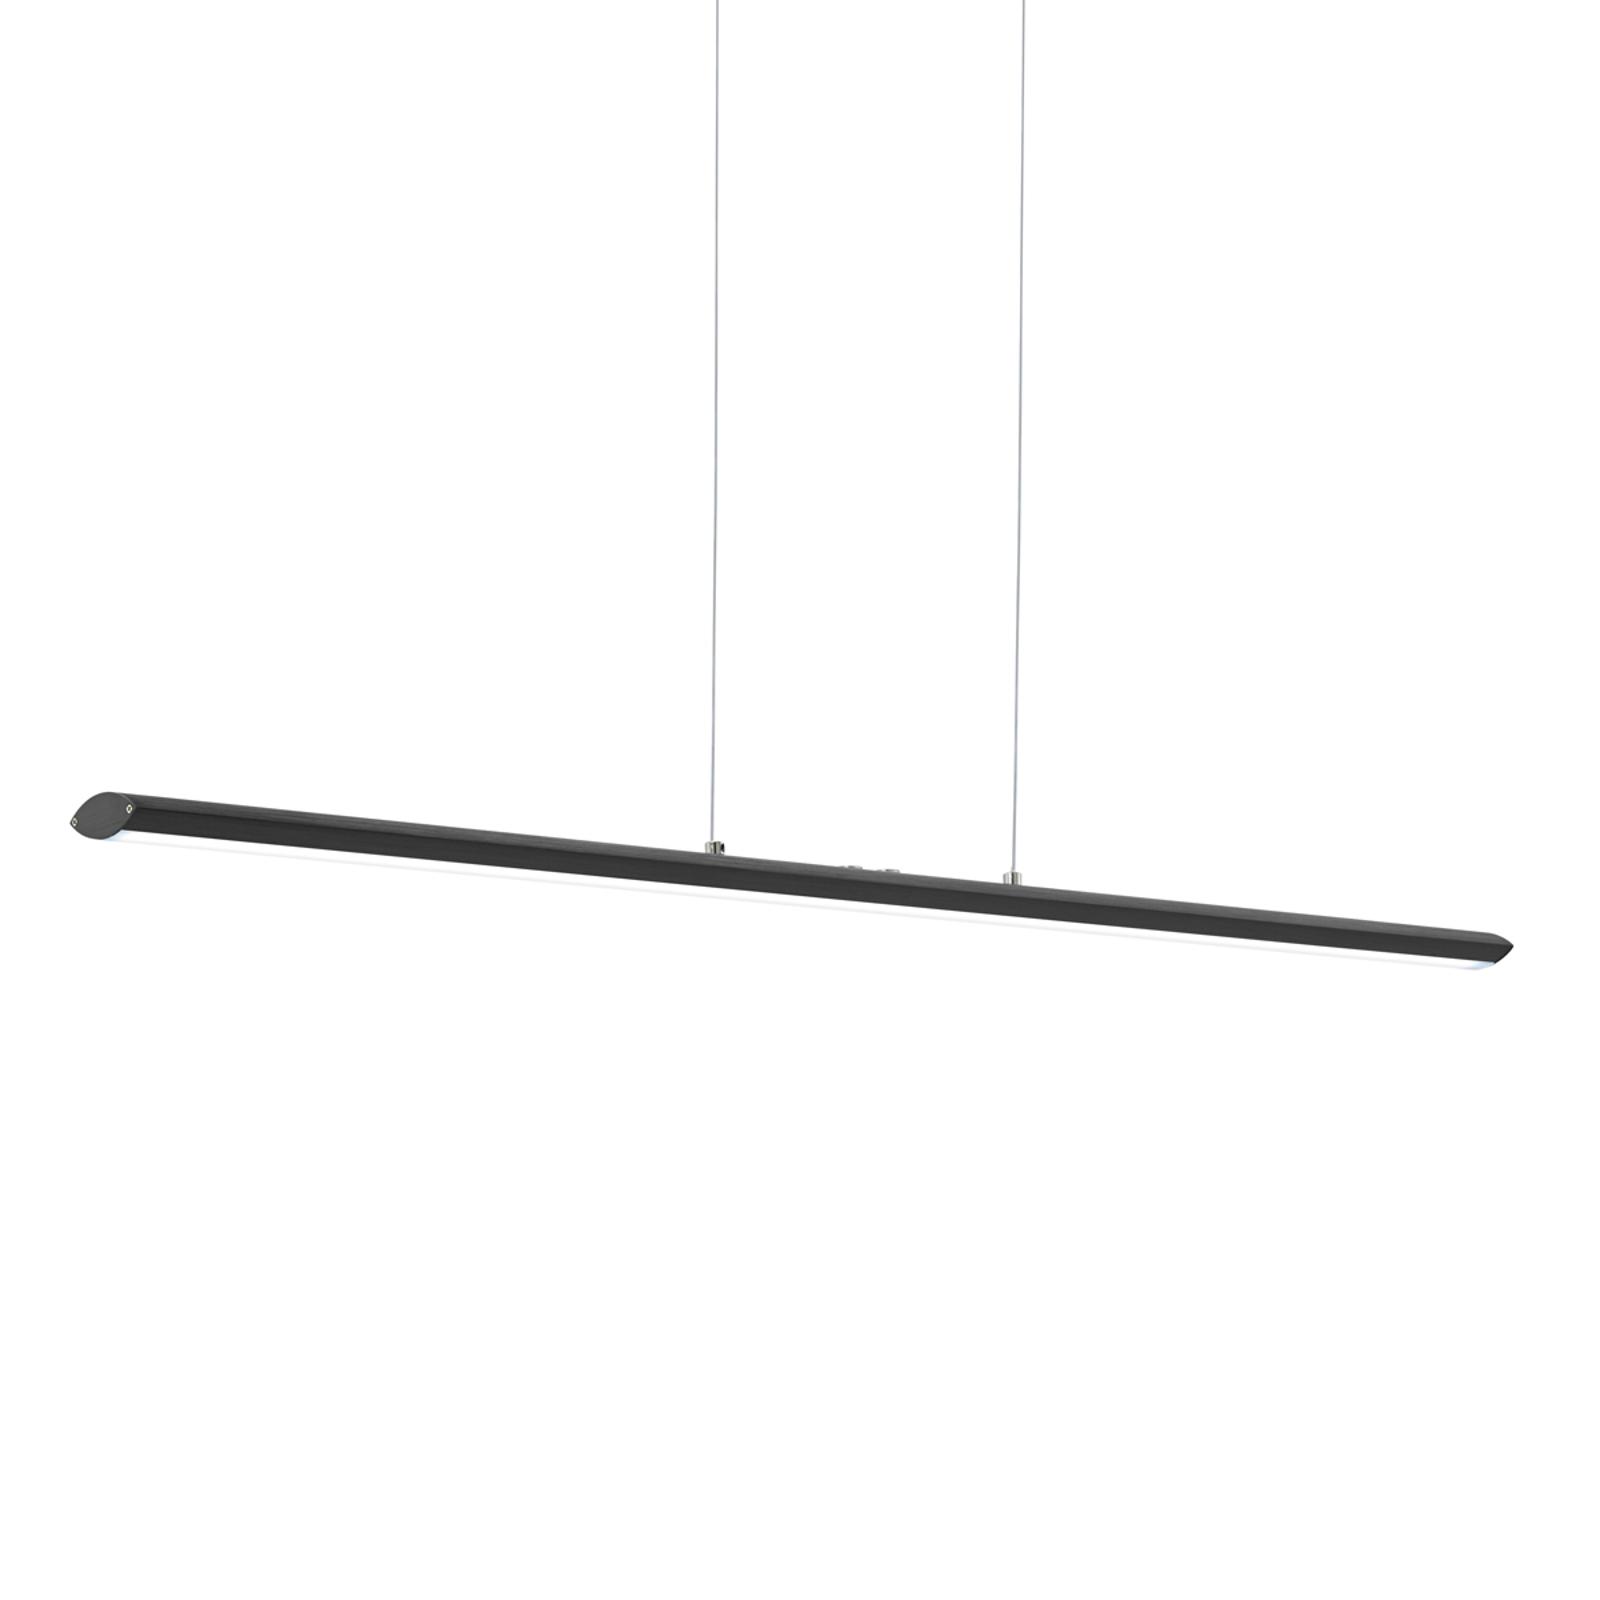 Schwarze LED-Hängeleuchte Pellaro, dimmbar kaufen